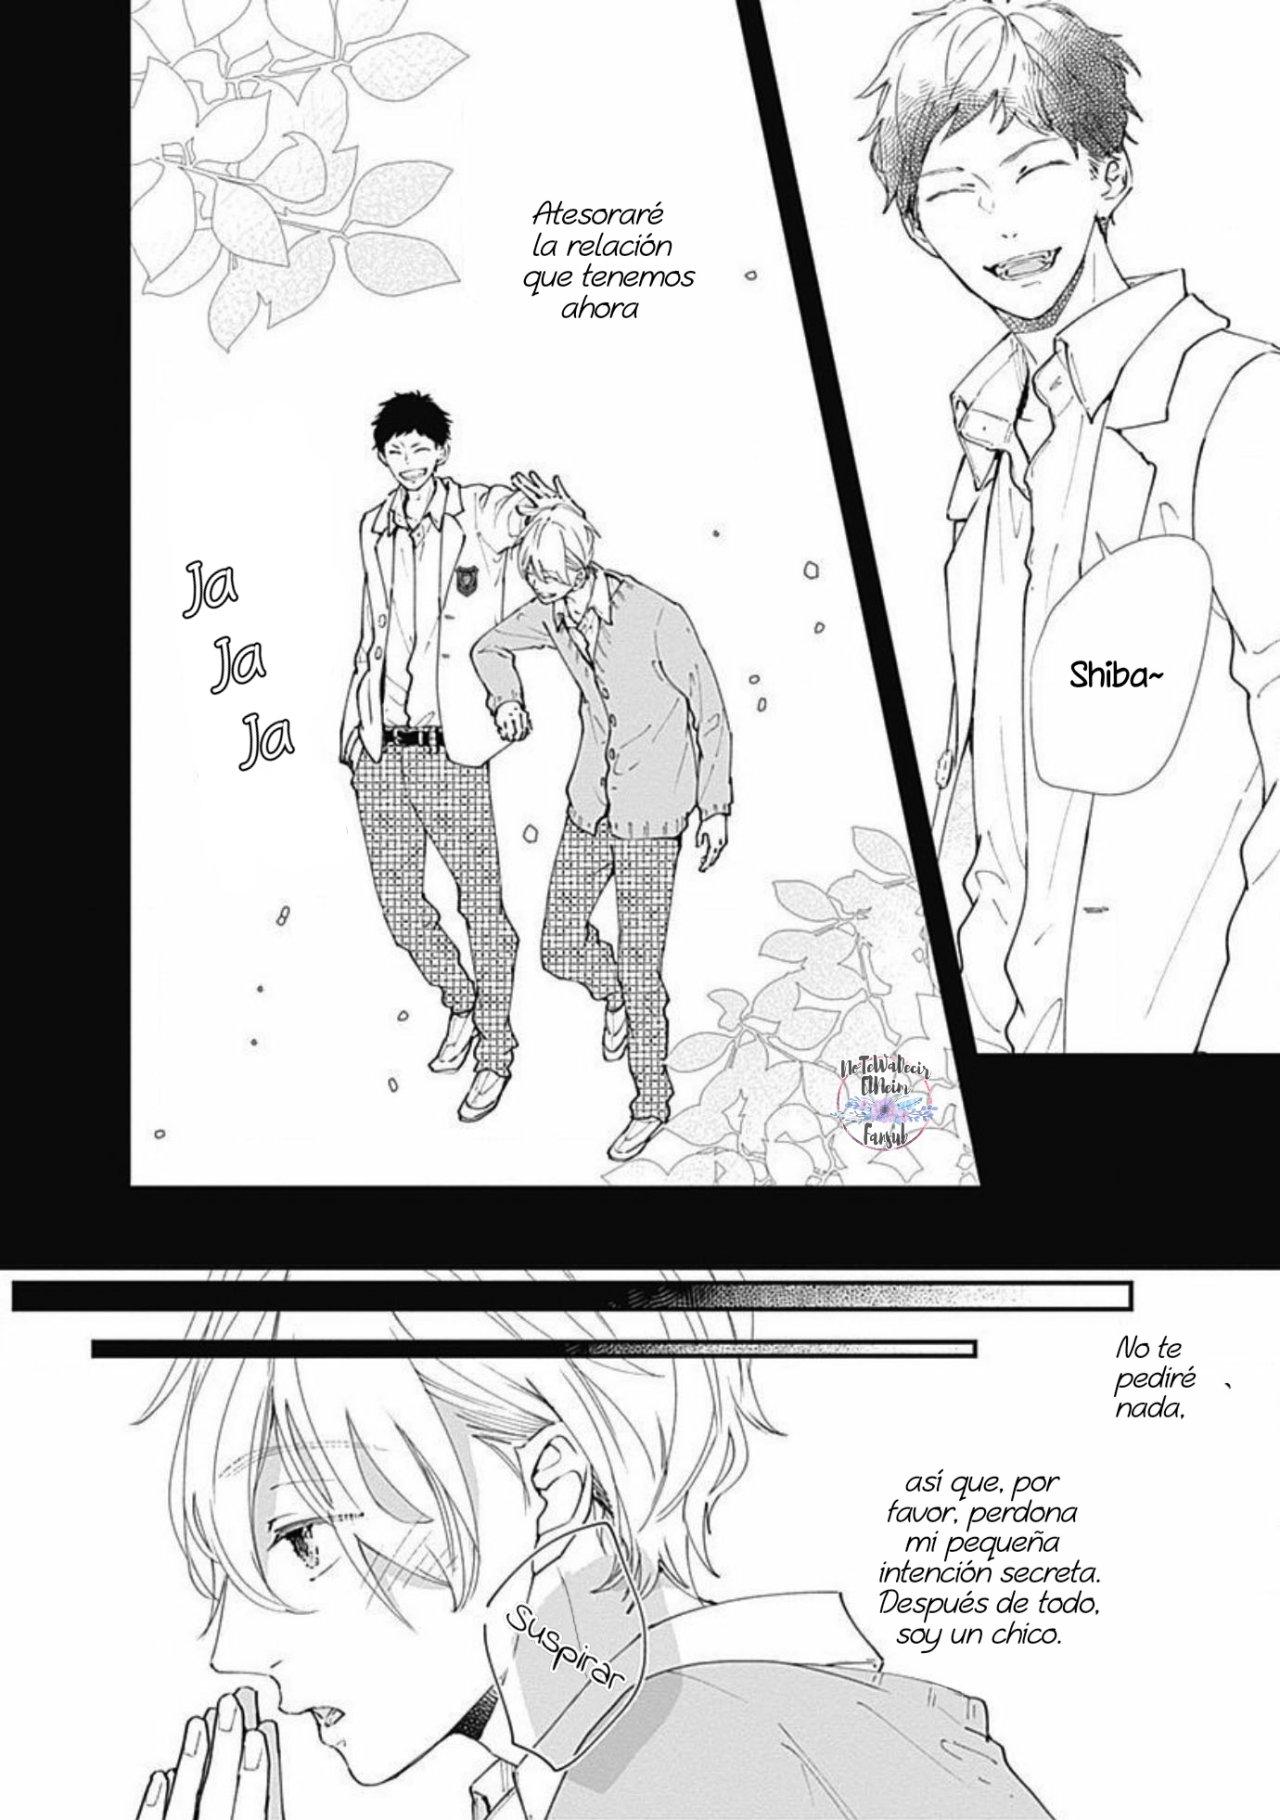 https://nine.mangadogs.com/es_manga/pic8/12/36684/946997/7a770b232ea56afe9641bb93fb3c2c6b.jpg Page 29